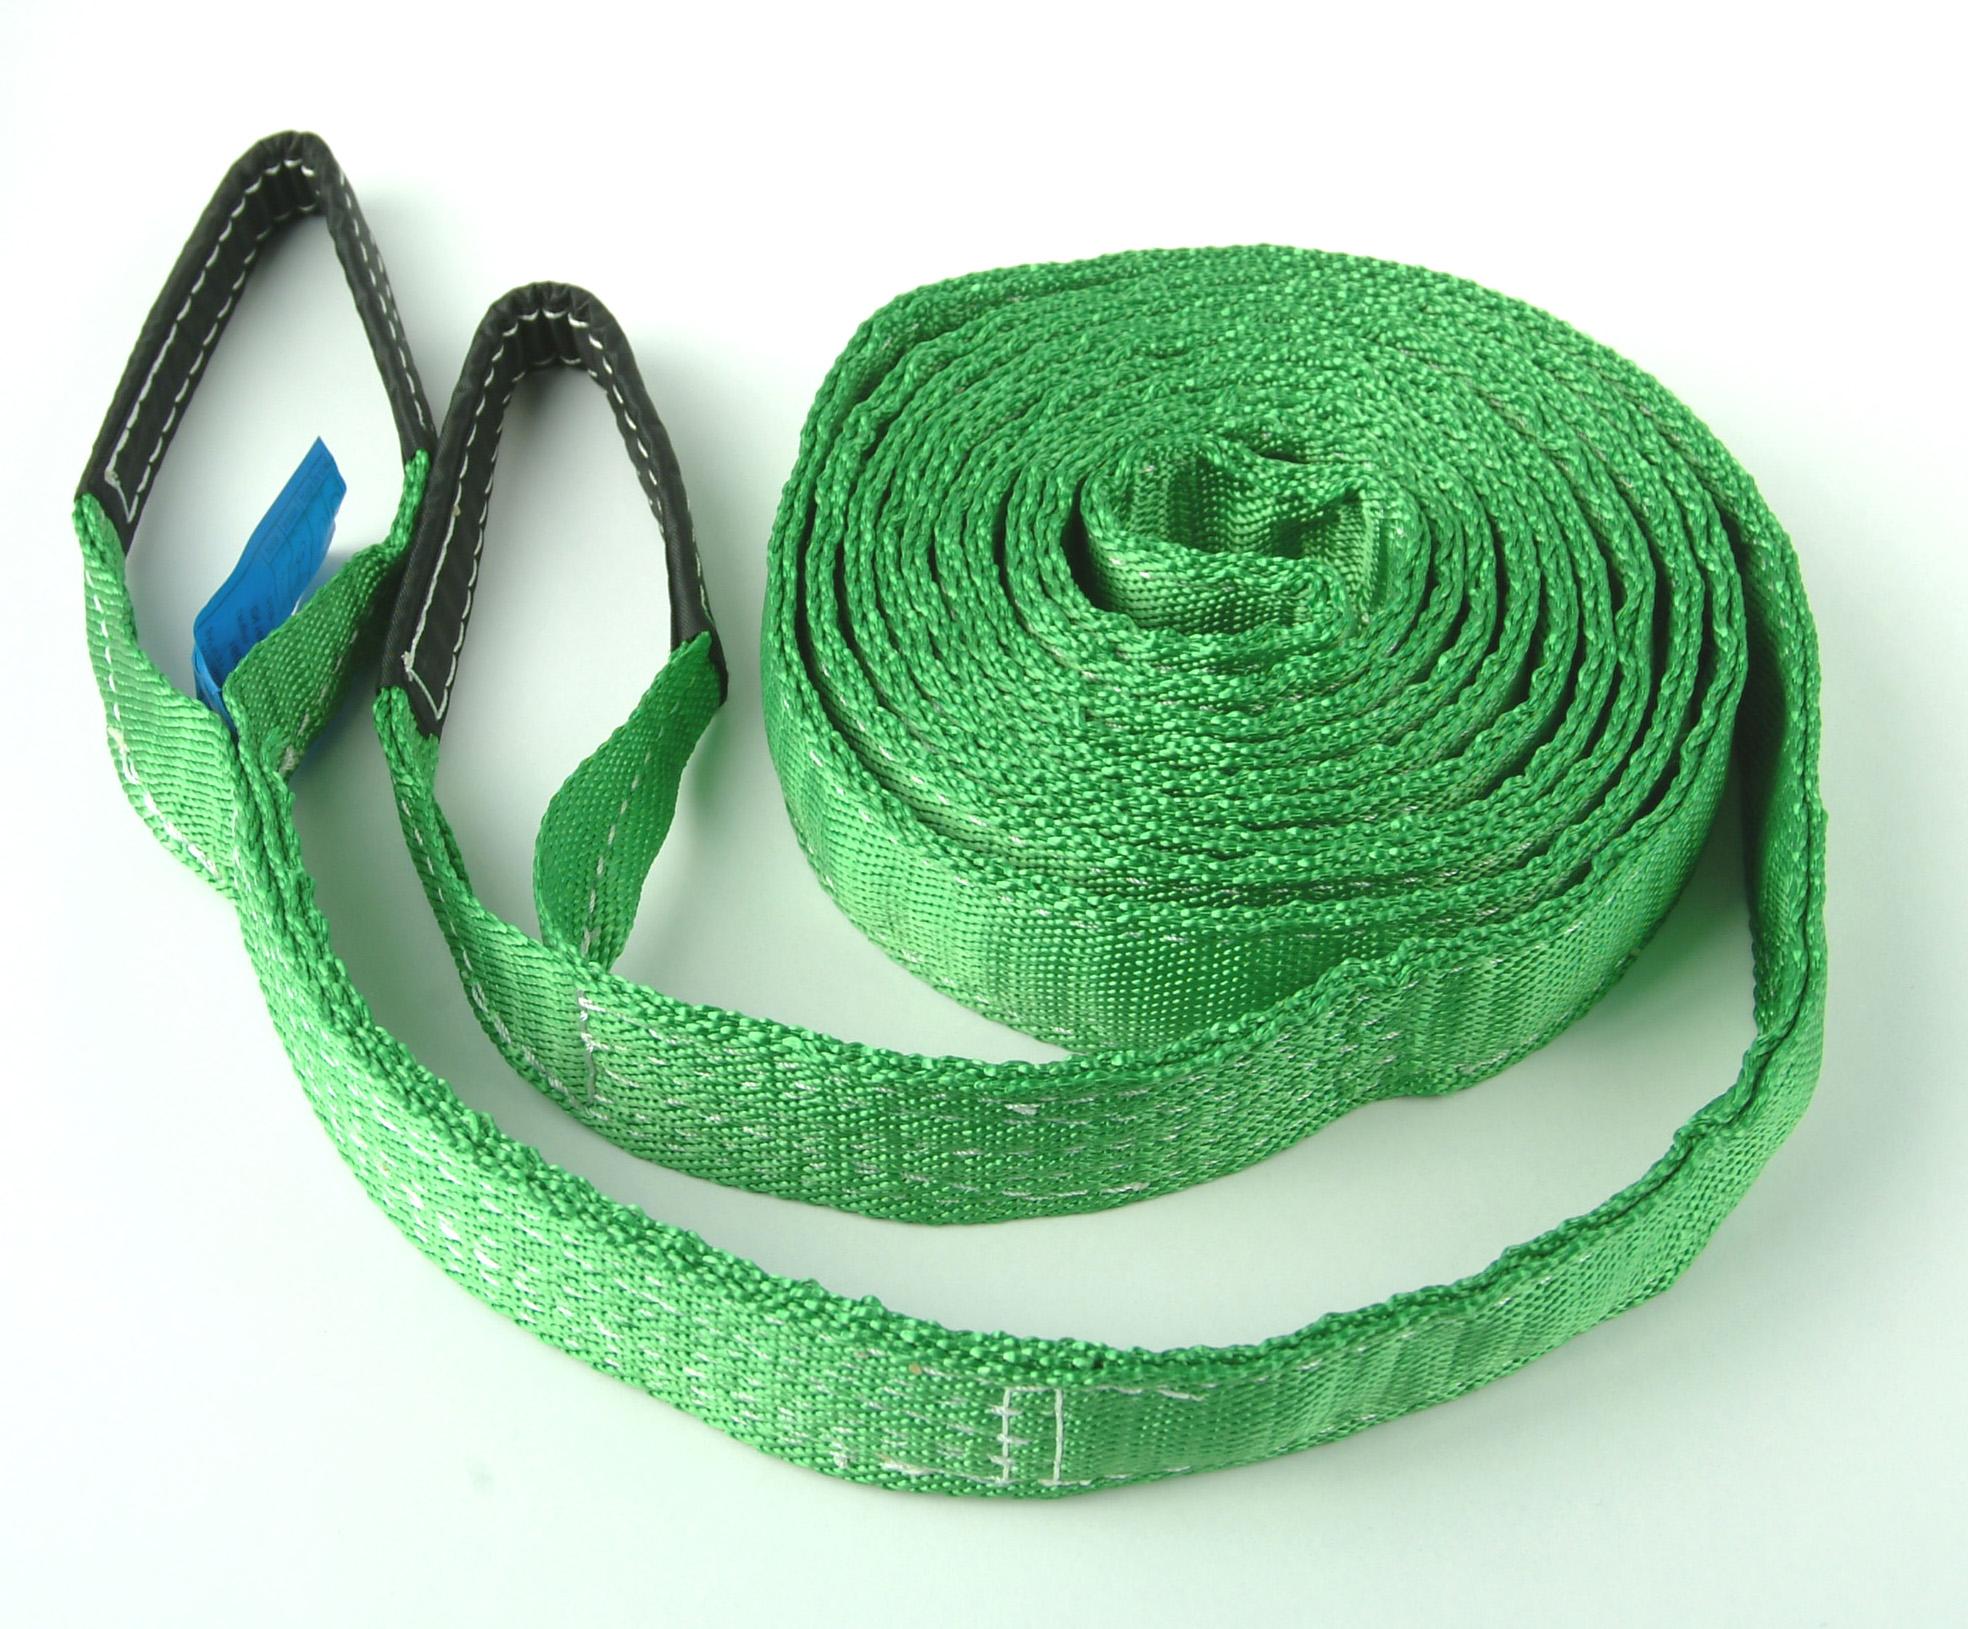 ベルト緑4m